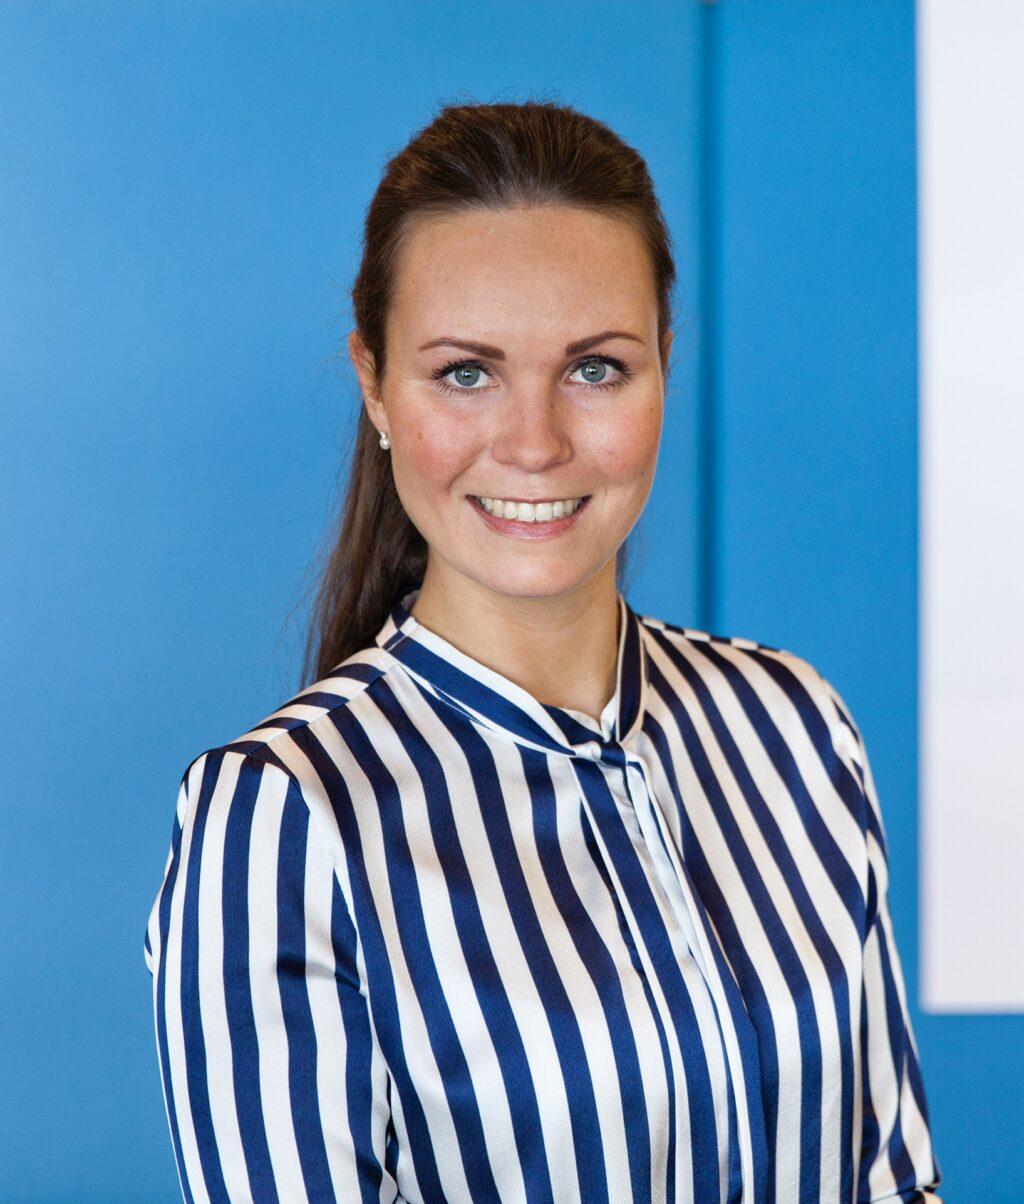 Valérie van der Ven